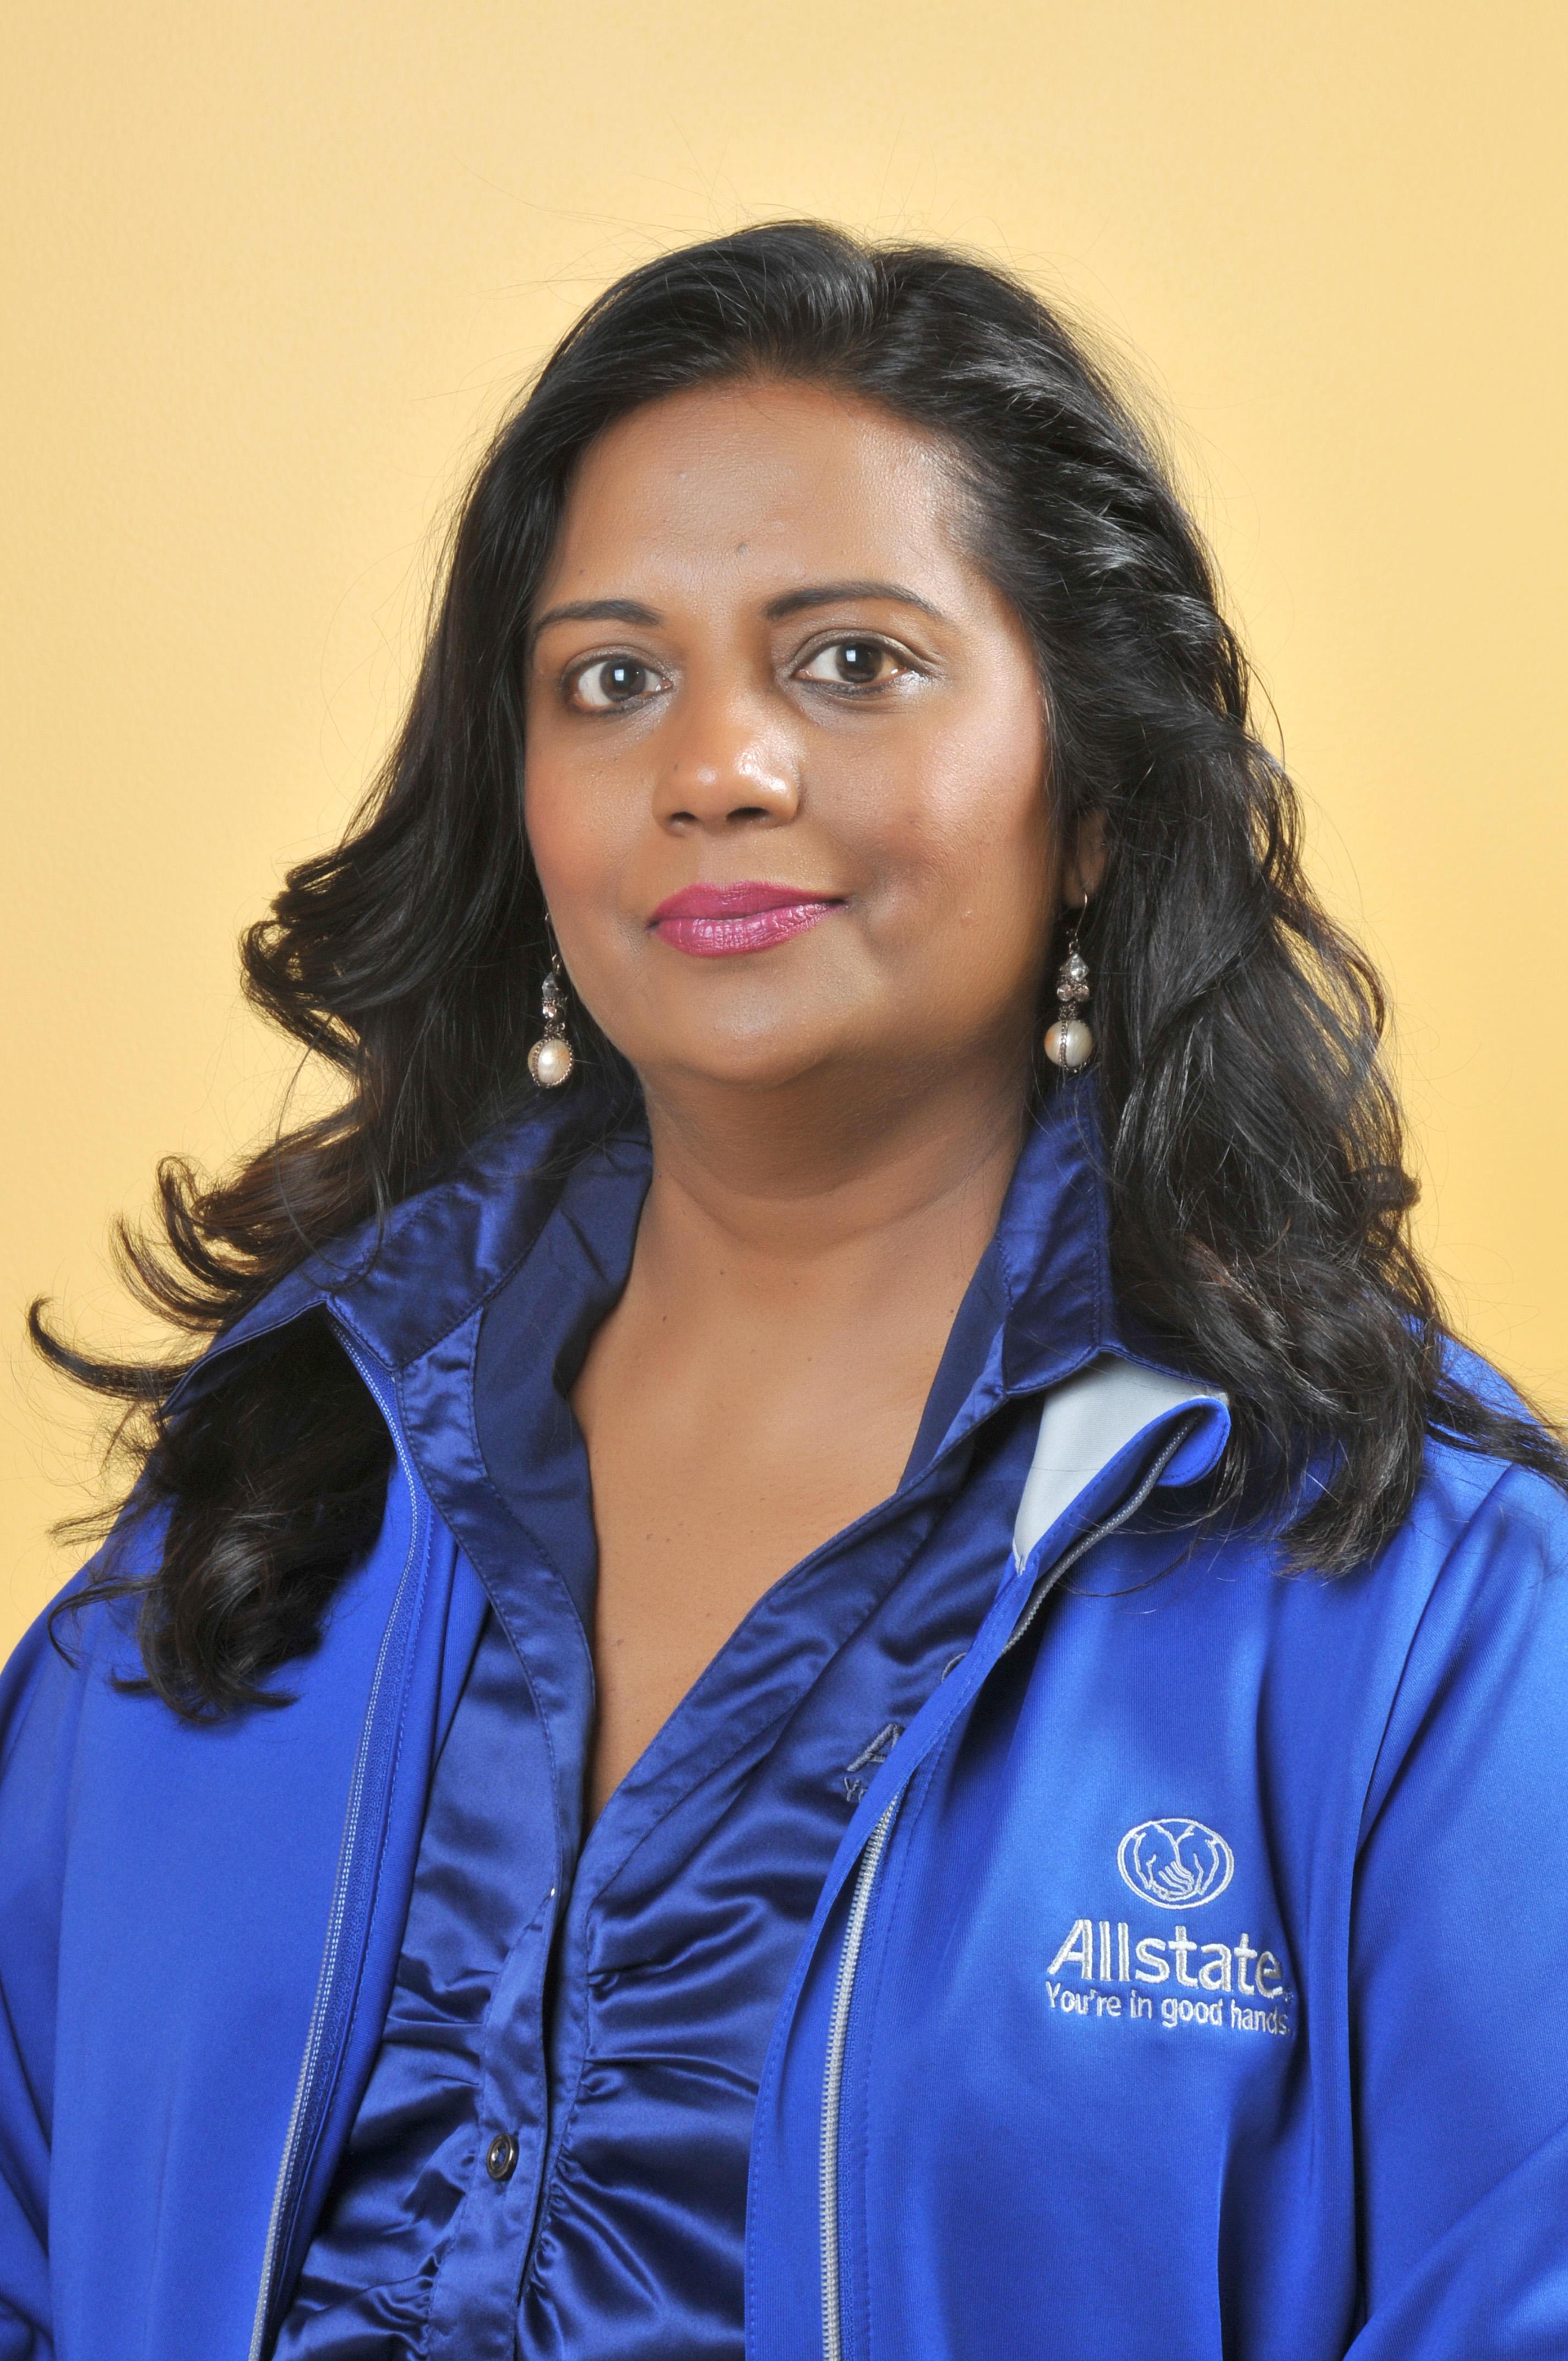 Allstate Insurance: Pratibha Katariya - Edison, NJ 08820 - (732) 548-9035 | ShowMeLocal.com